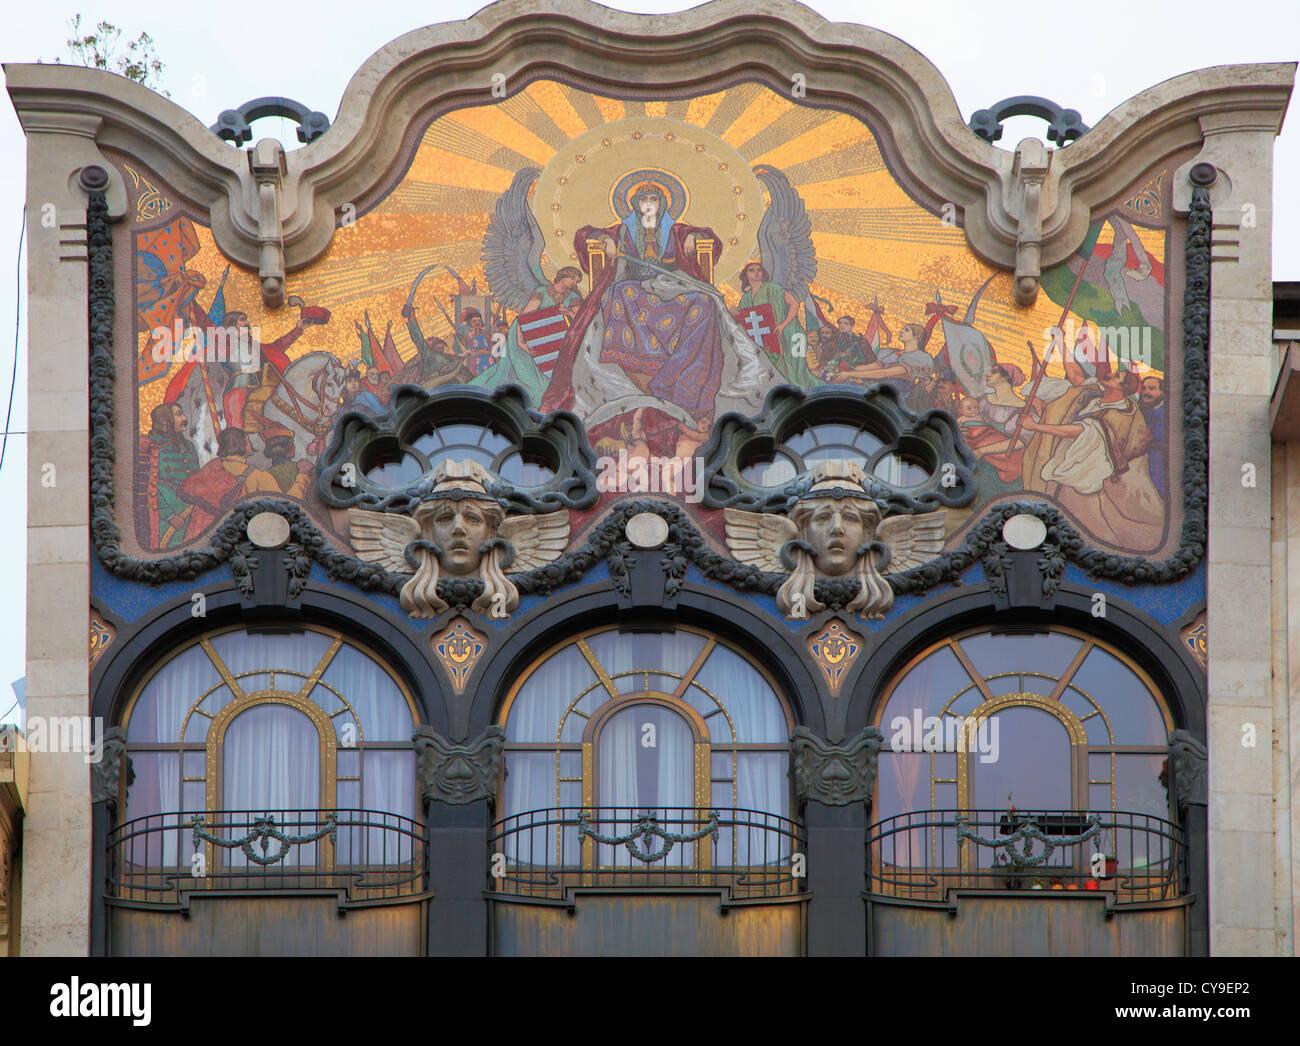 Best Kitchen Gallery: Hungary Budapest Art Nouveau Architecture Detail Stock Photo of Art Nouveau Architecture on rachelxblog.com